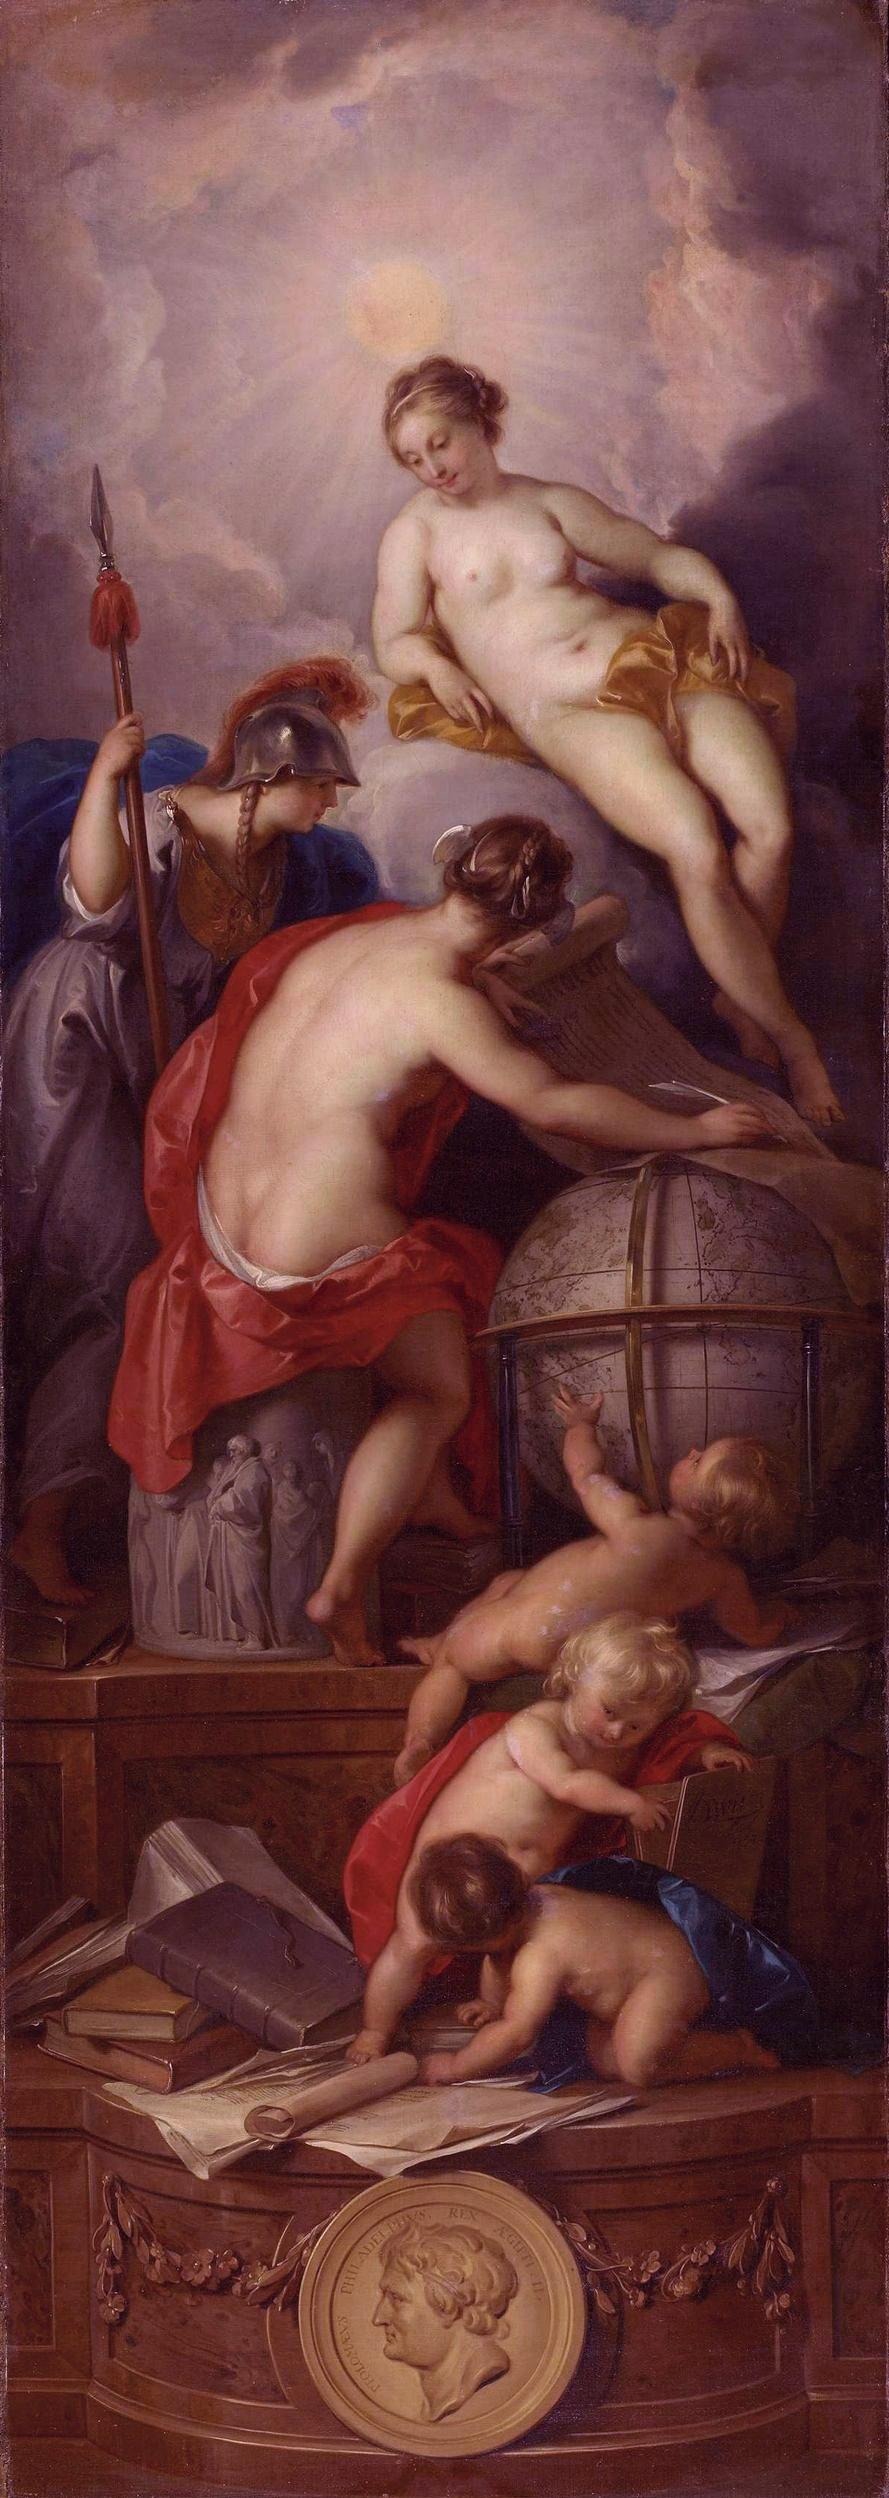 Jacob de Wit - Allegorie op het schrijven van de geschiedenis 1754